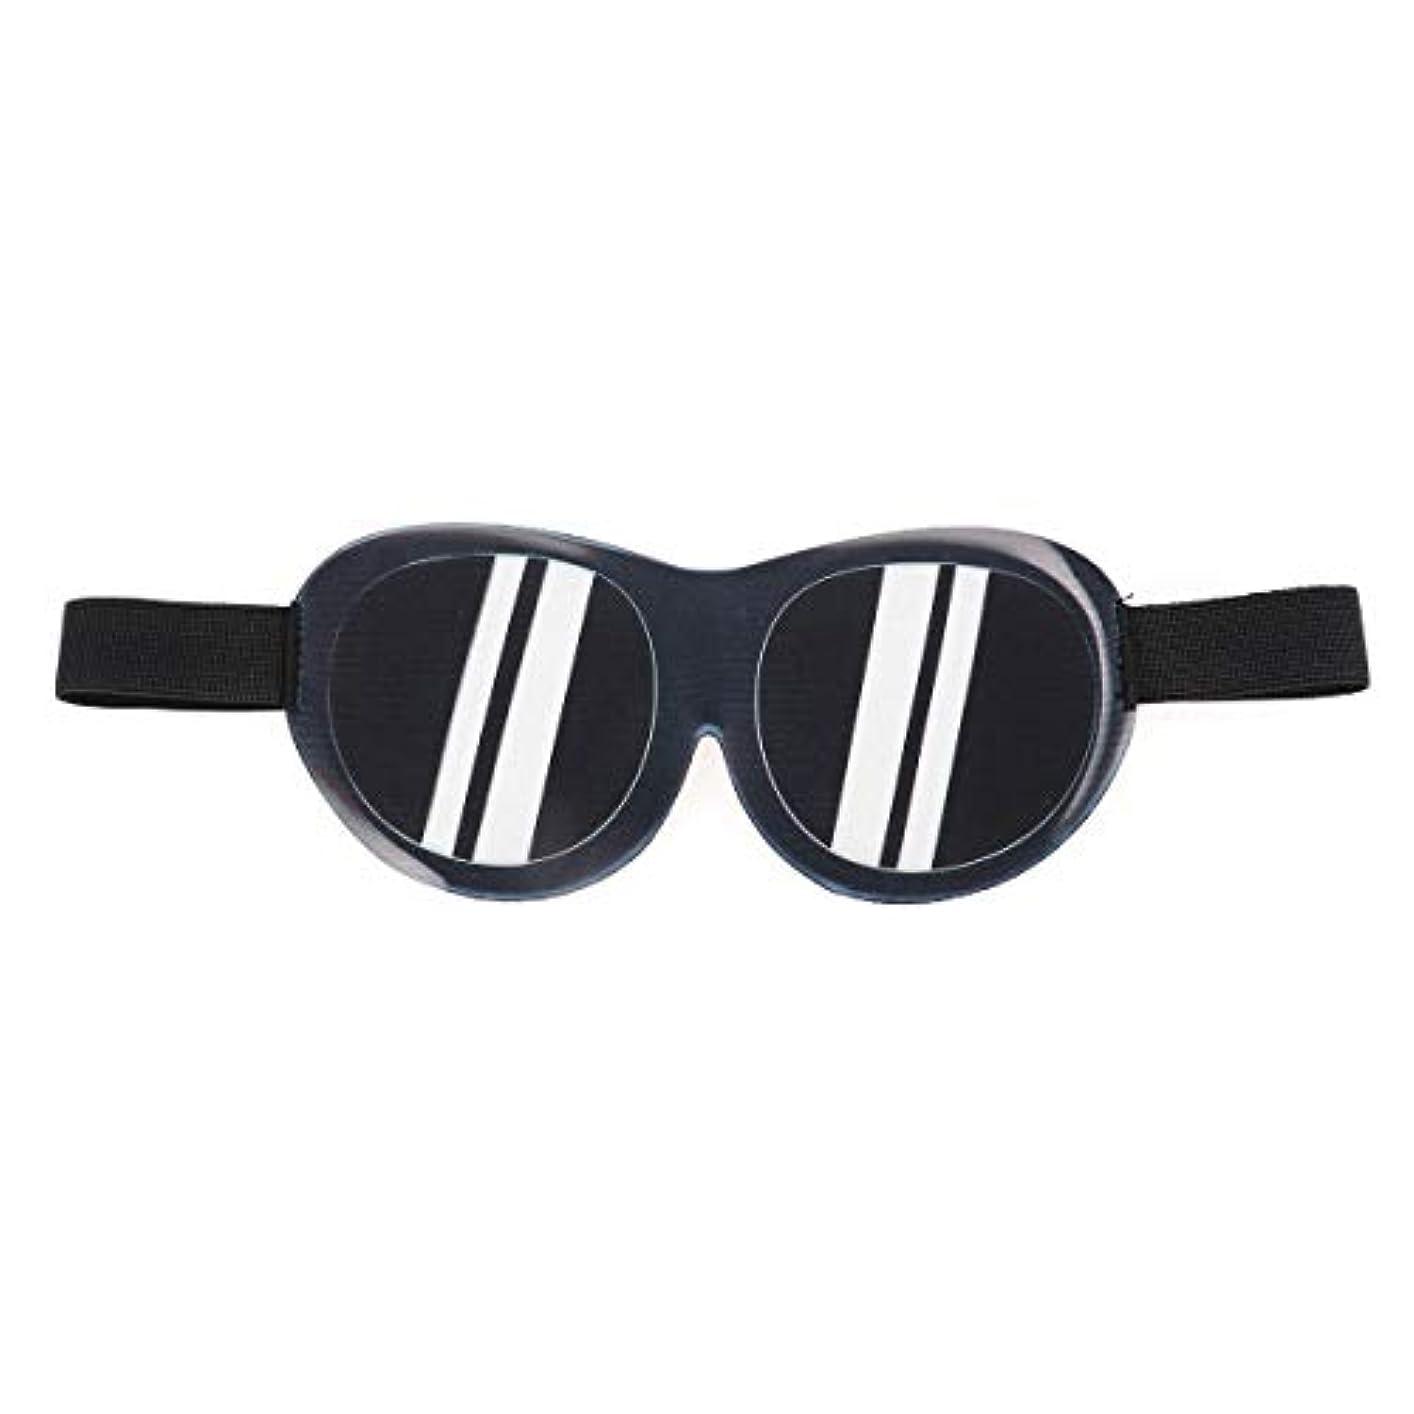 チャンス賛辞そばにBeaupretty おかしいアイマスク3Dサングラスアイシェードおかしいなりすましステレオホームスリーパーアイスリープシェード(サングラスを持っているふりをする)